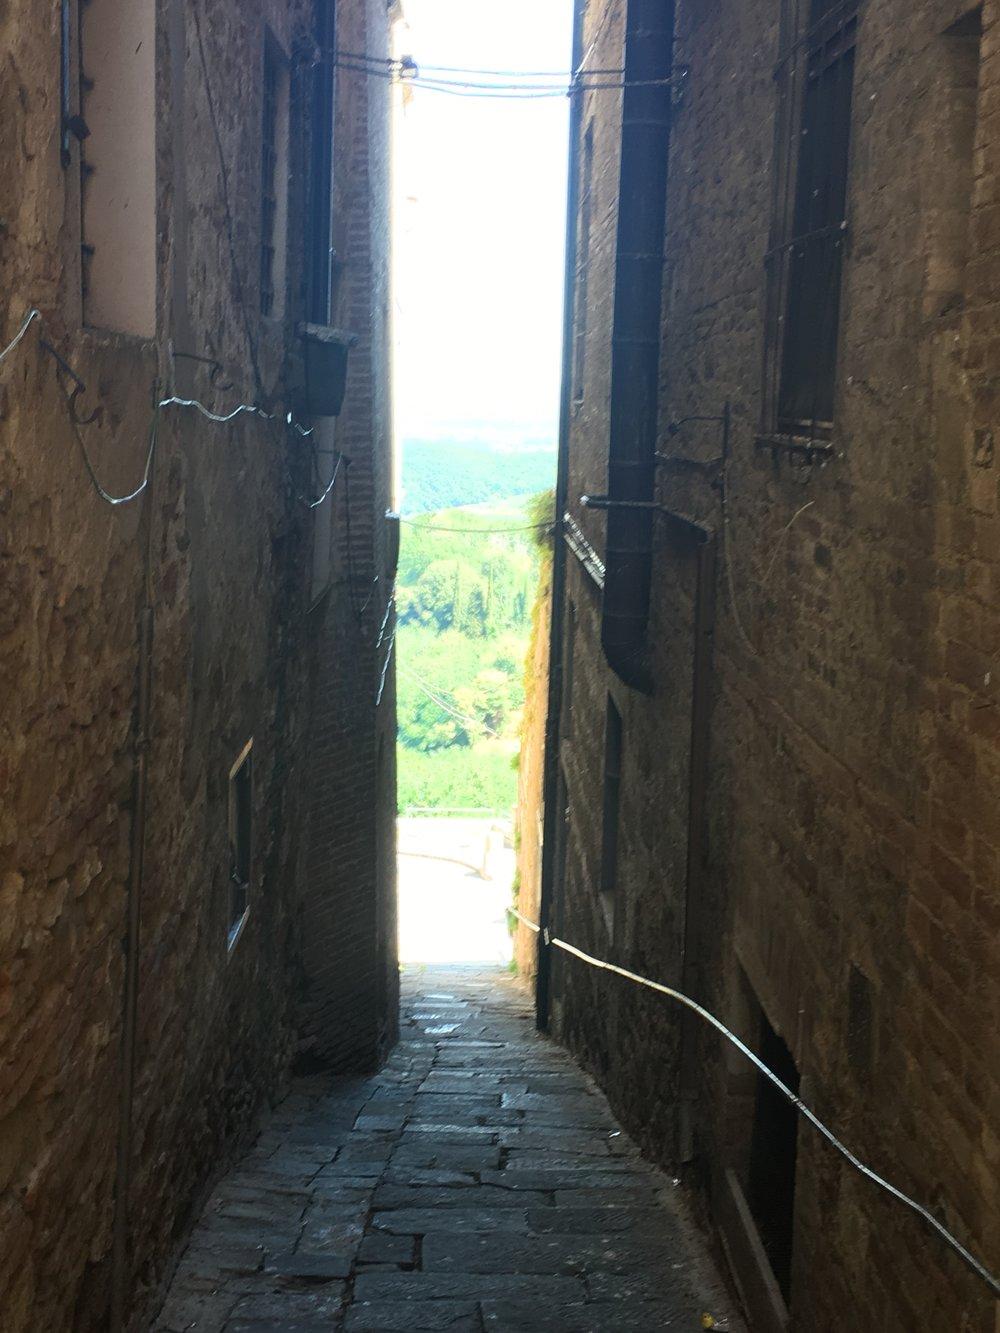 A narrow way, somewhere in the Tuscany region of Italy